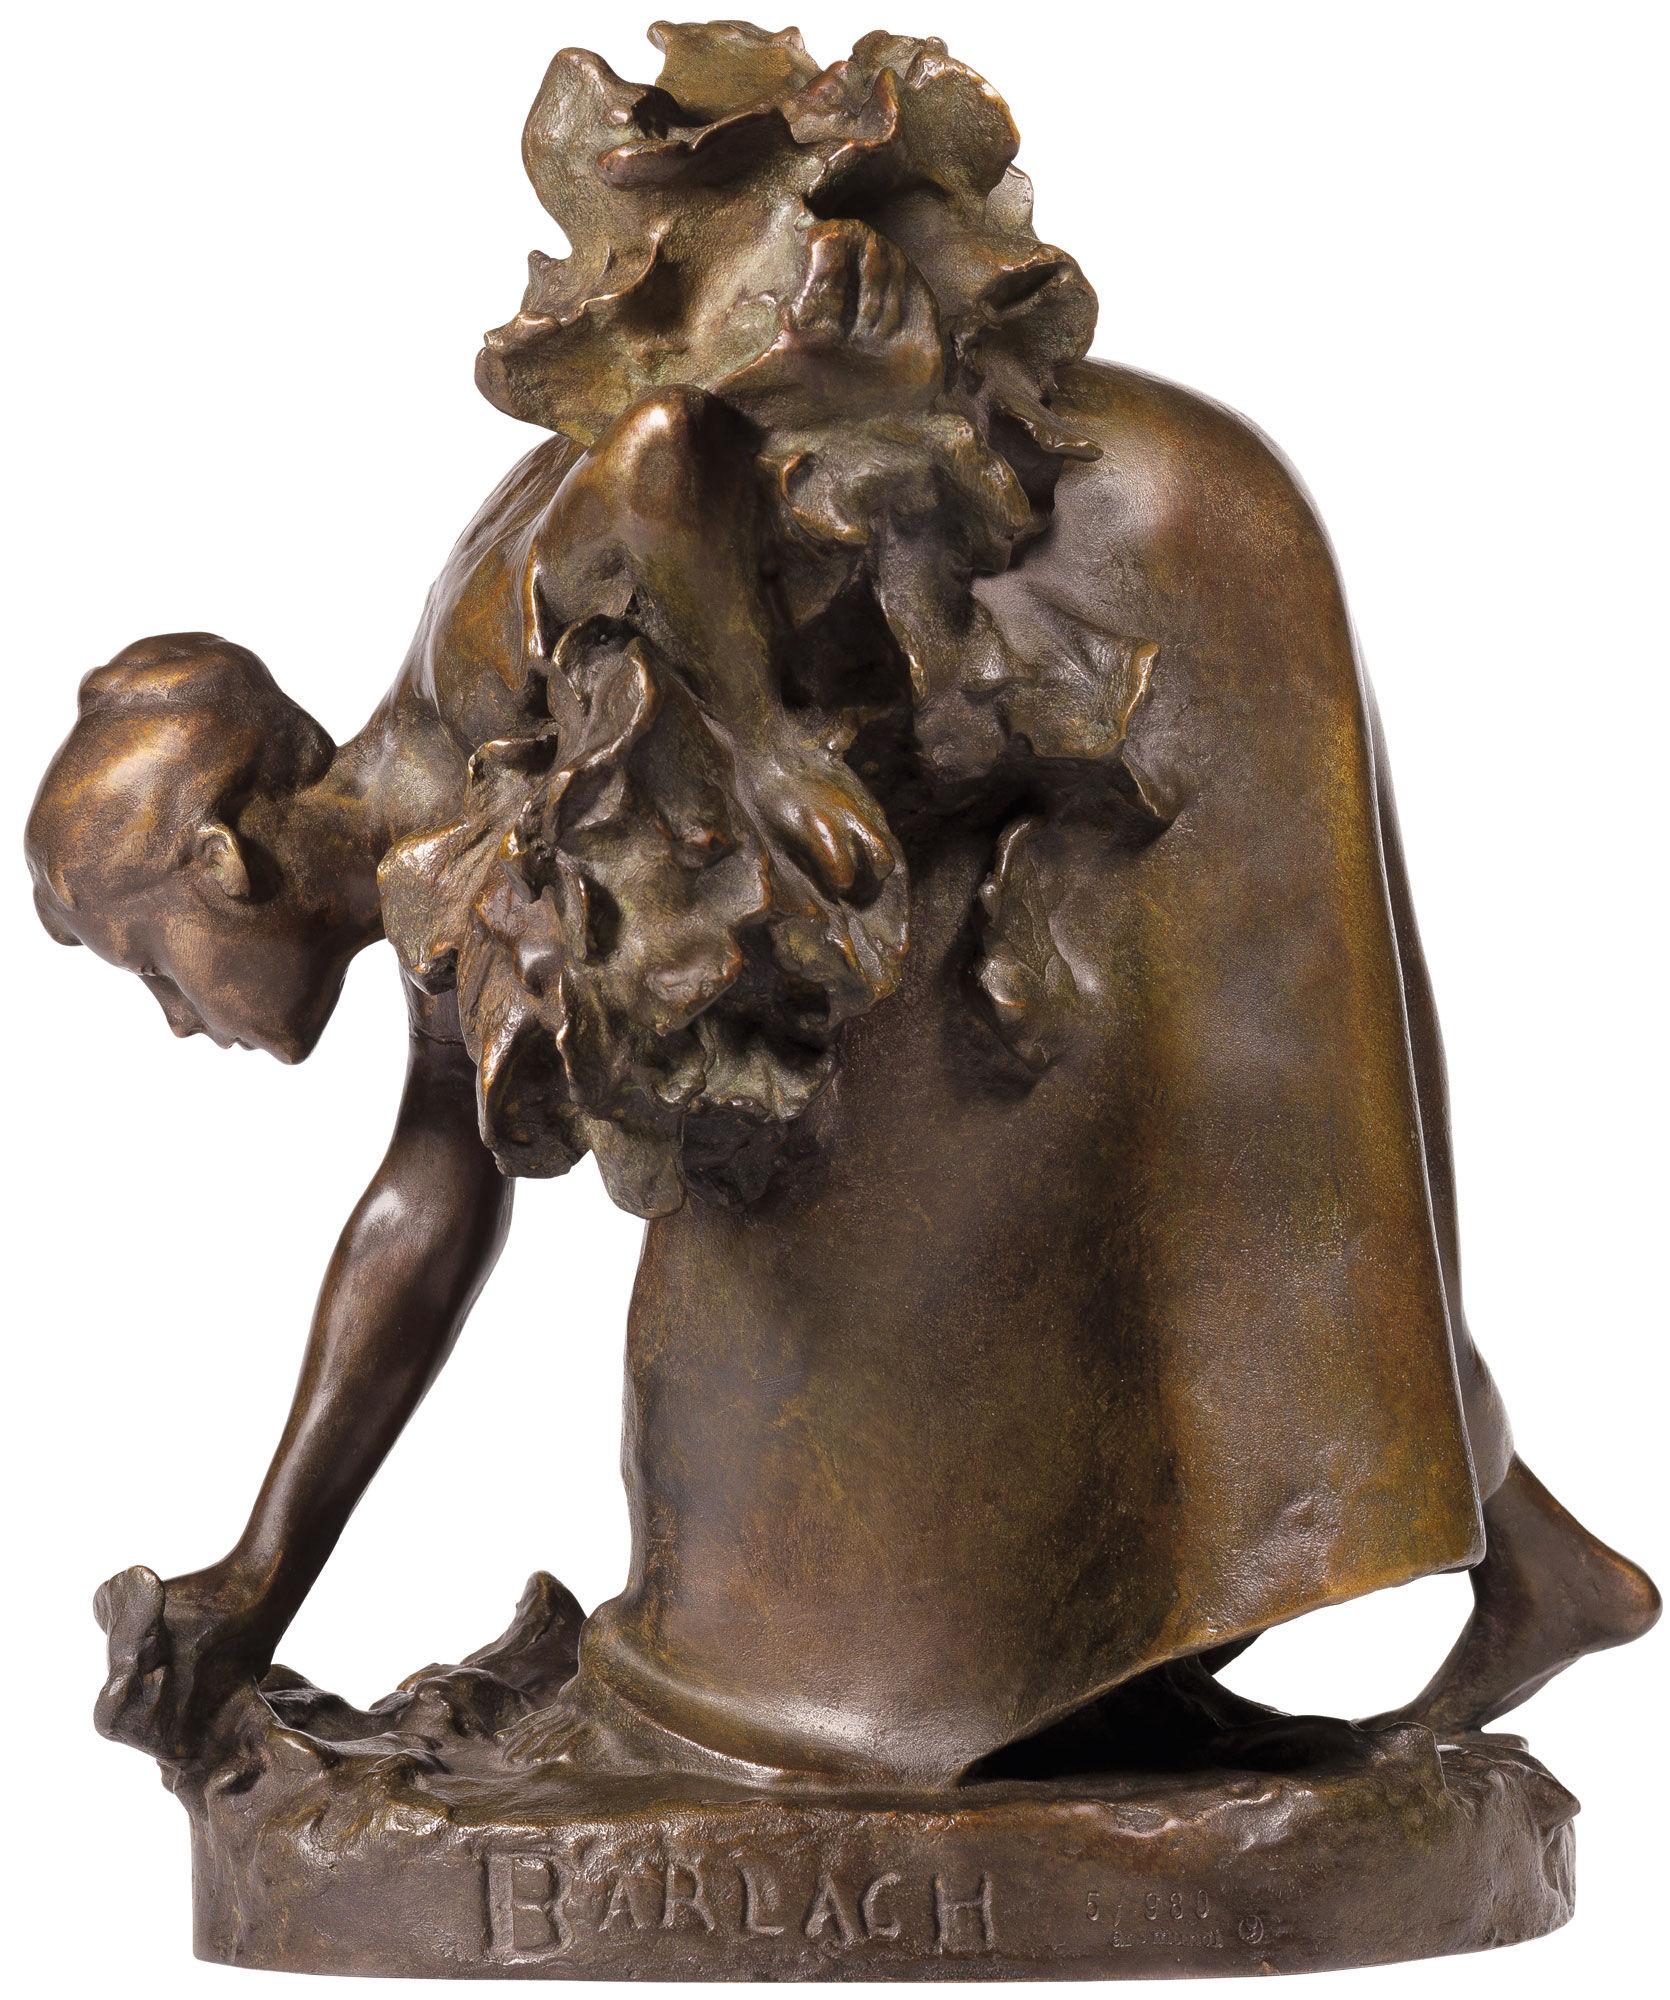 ernst barlach skulptur die krautpfl ckerin 1894. Black Bedroom Furniture Sets. Home Design Ideas